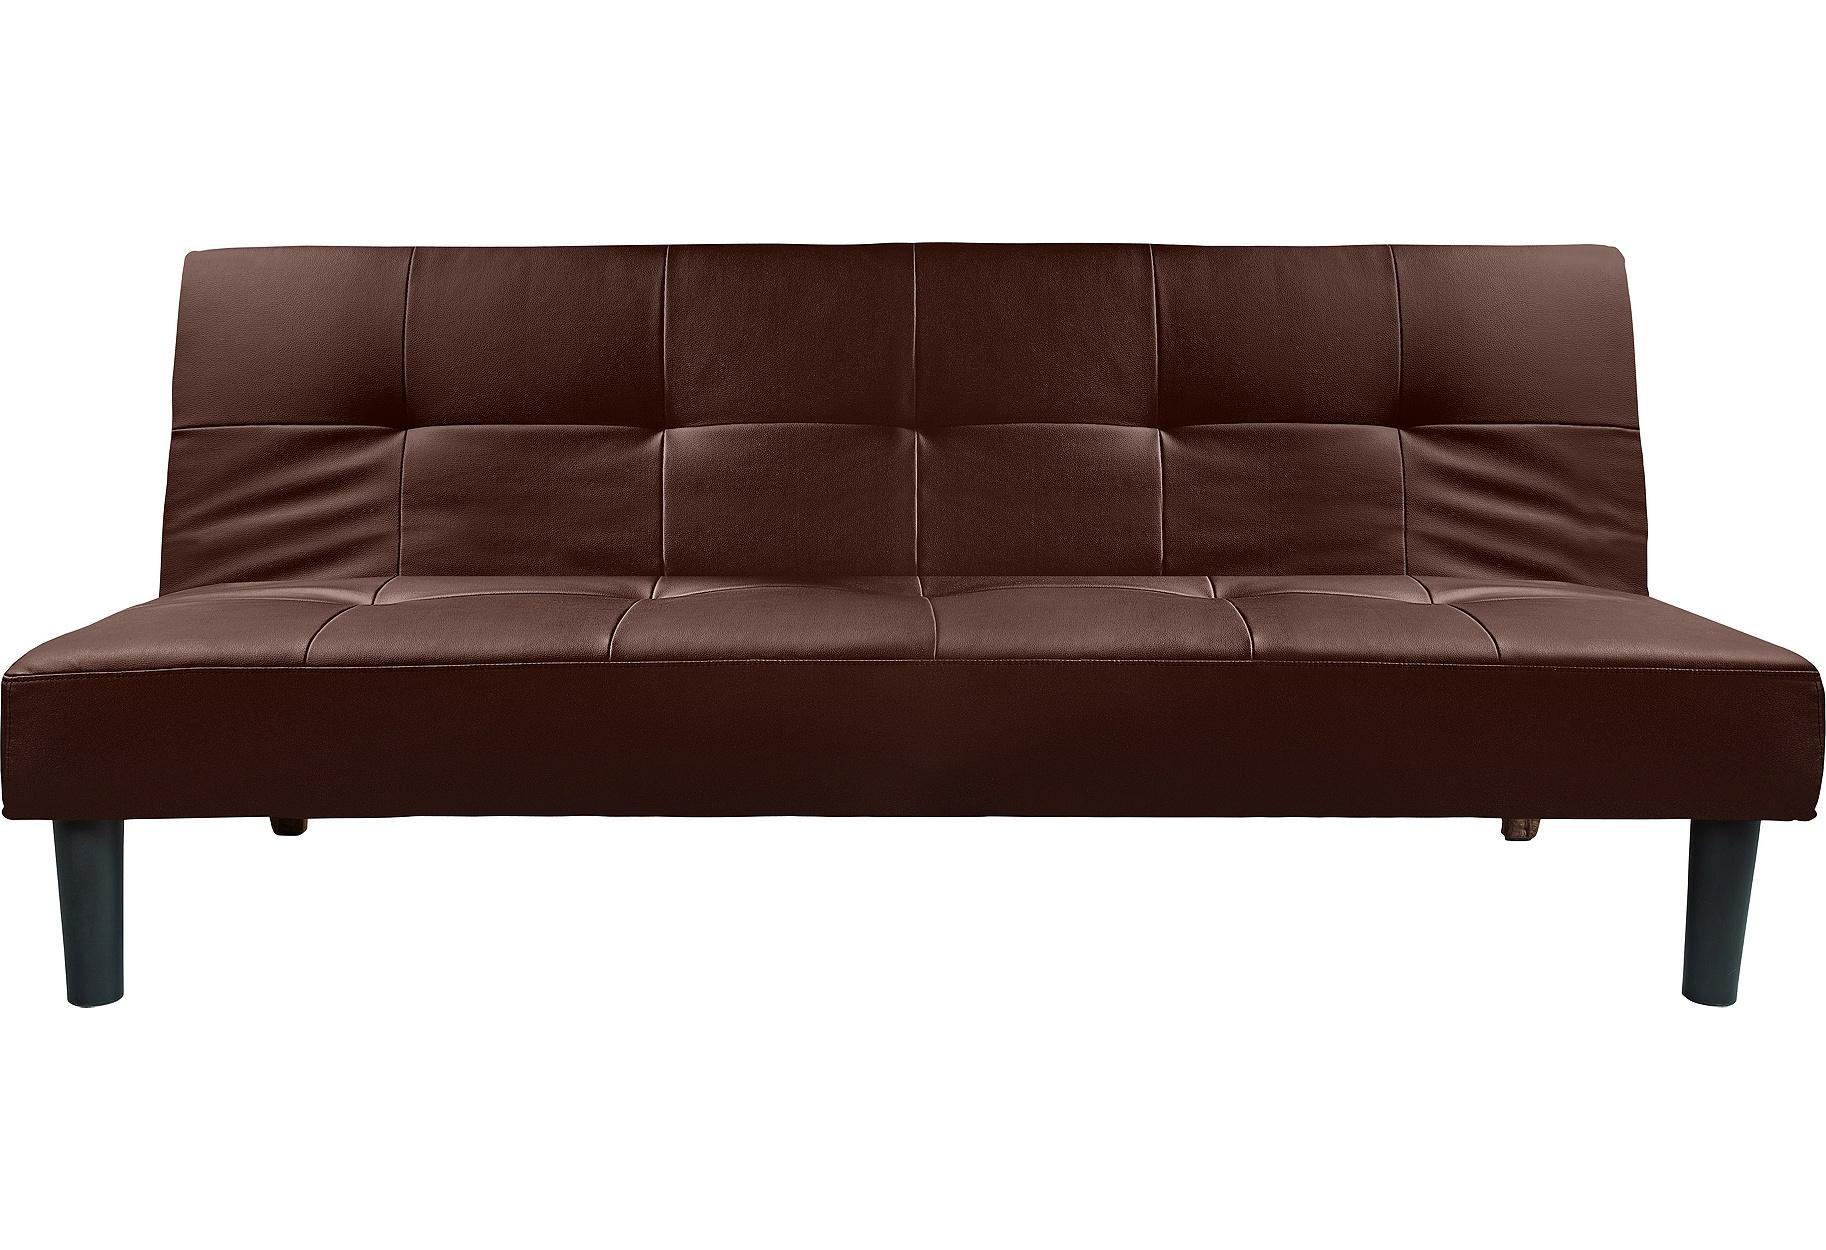 Habitat Patsy 3 Seater Clic Clac Sofa Bed - Chocolate